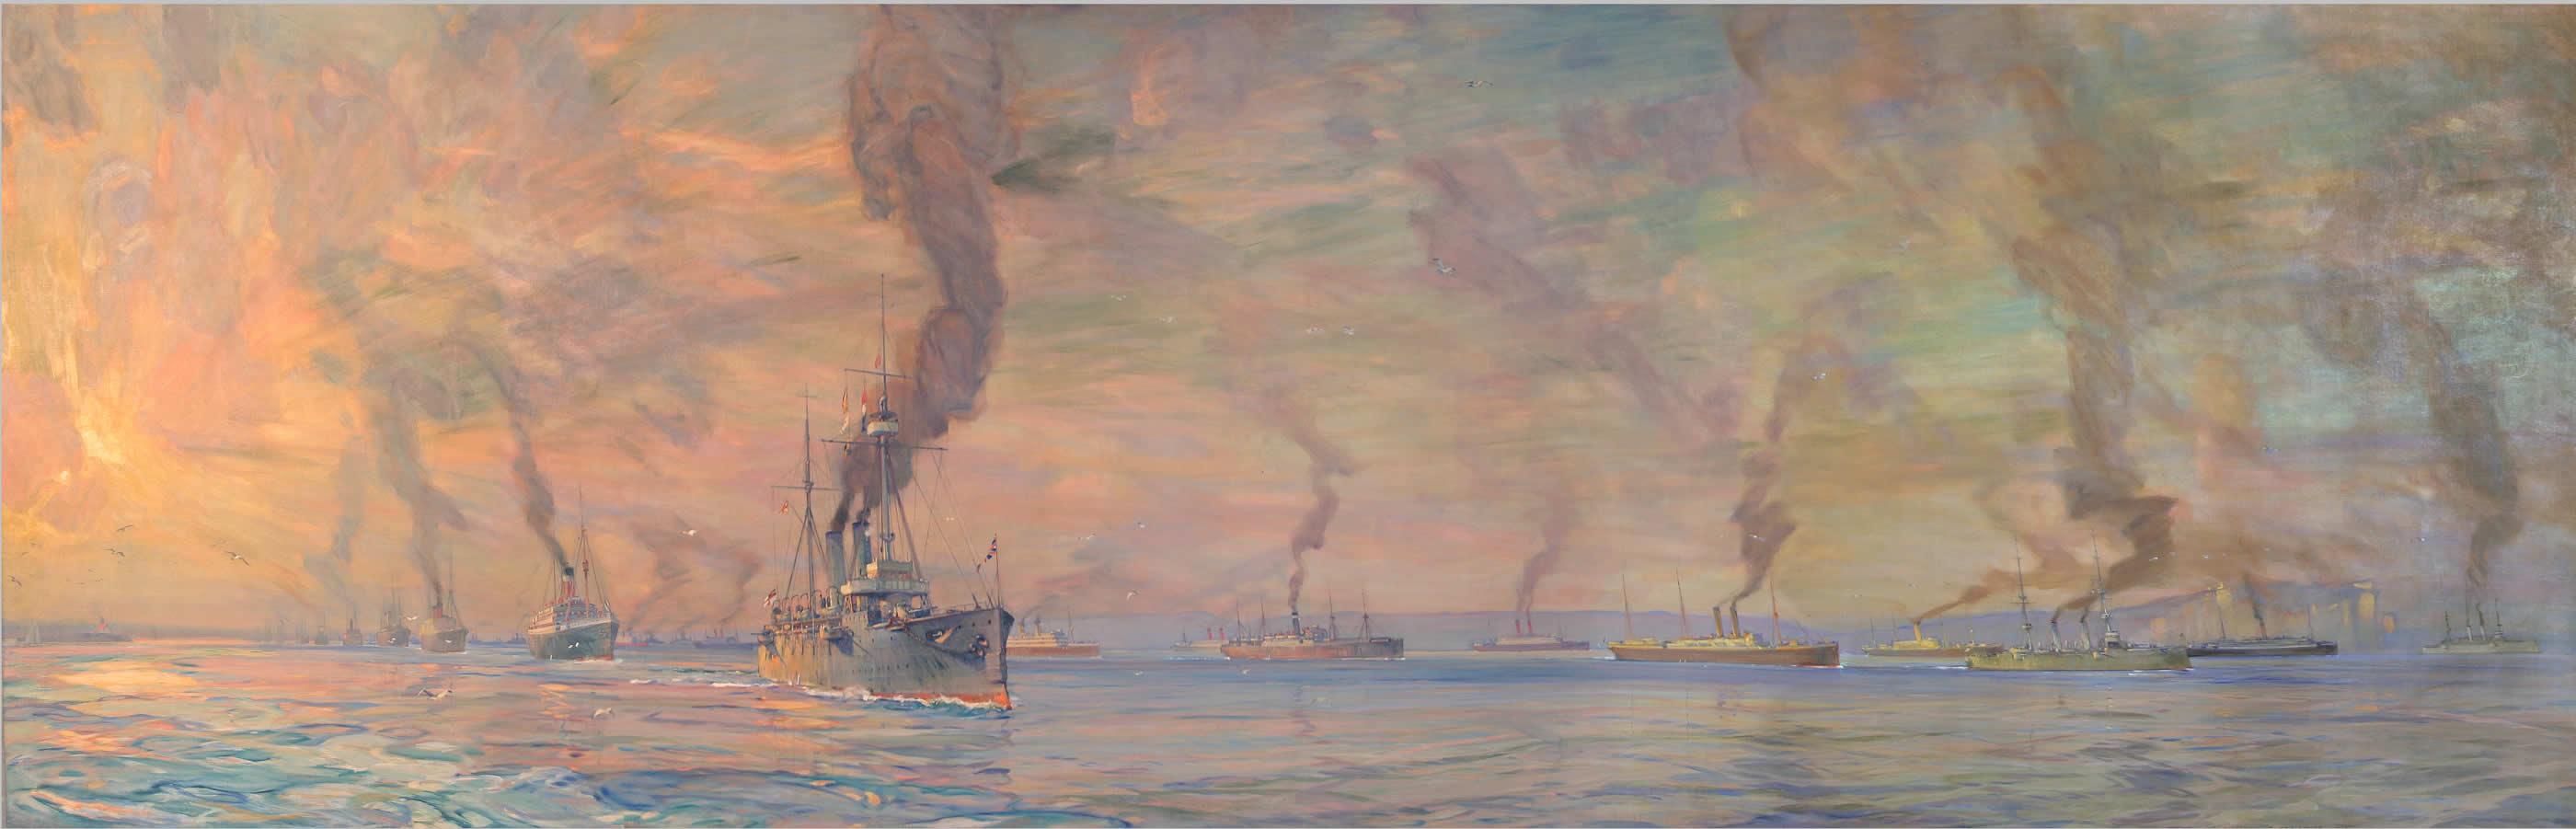 Canada's Grand Armada, 1914